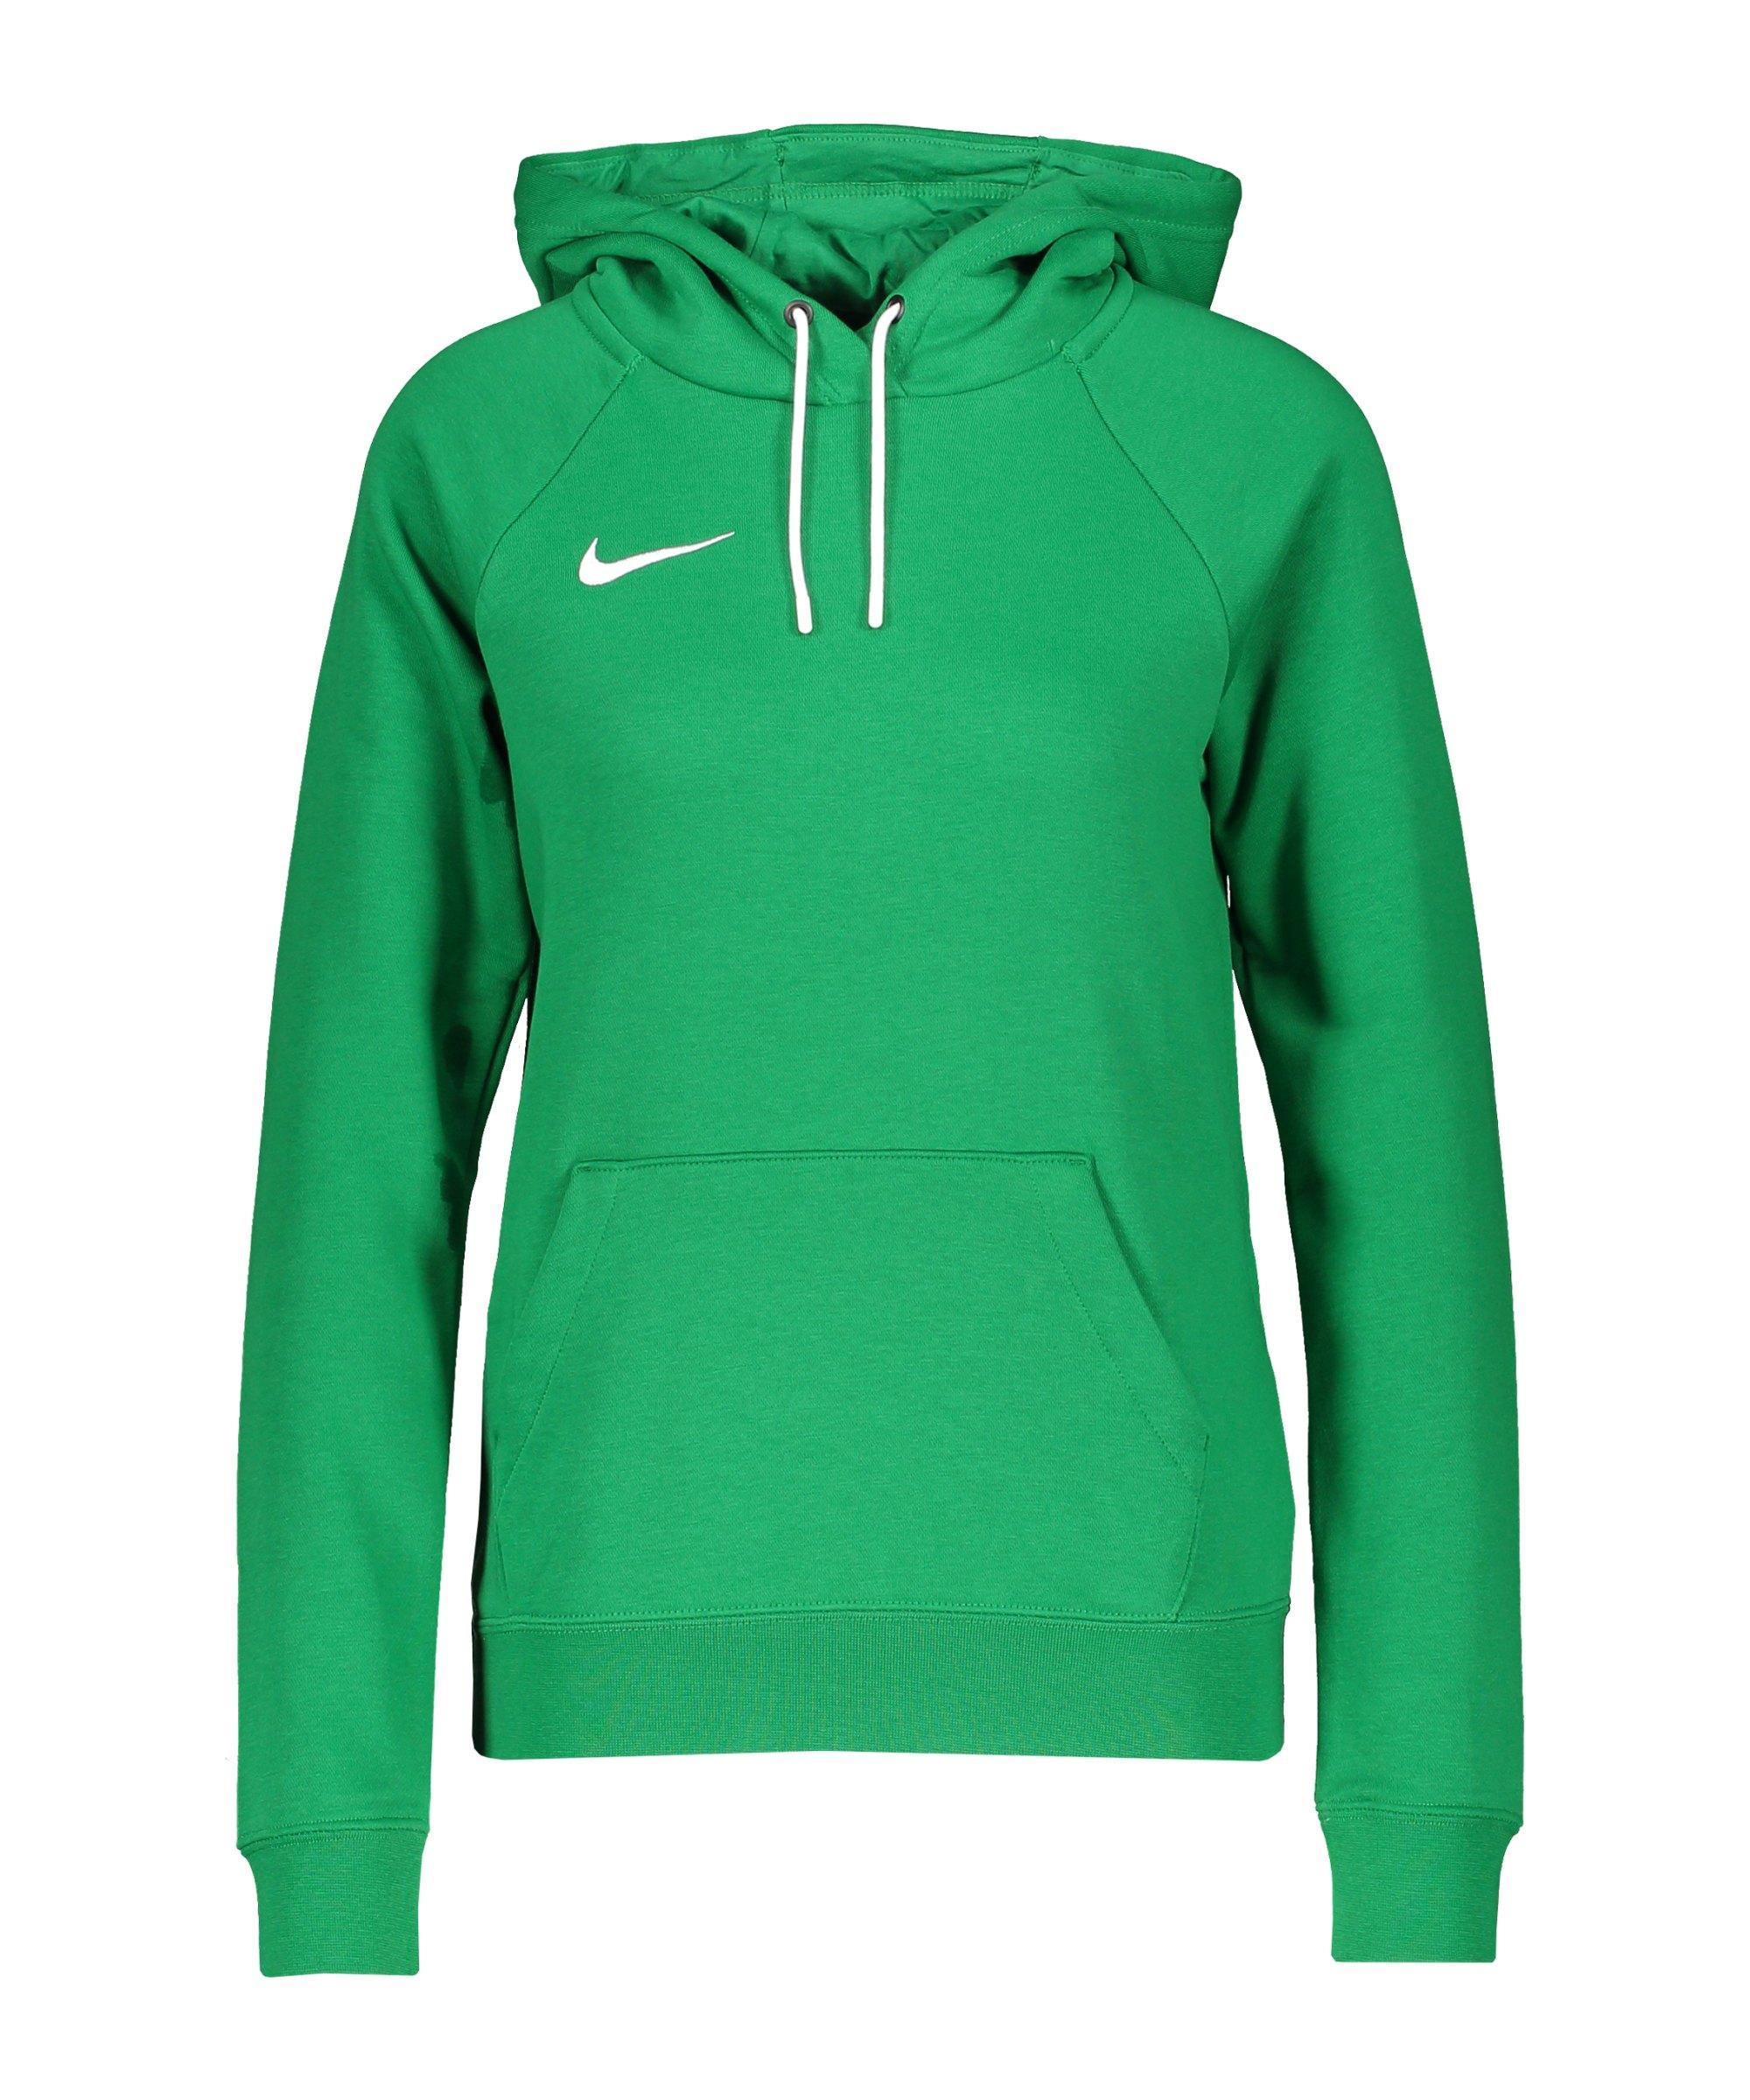 Nike Park 20 Fleece Hoody Damen Grün Weiss F302 - gruen